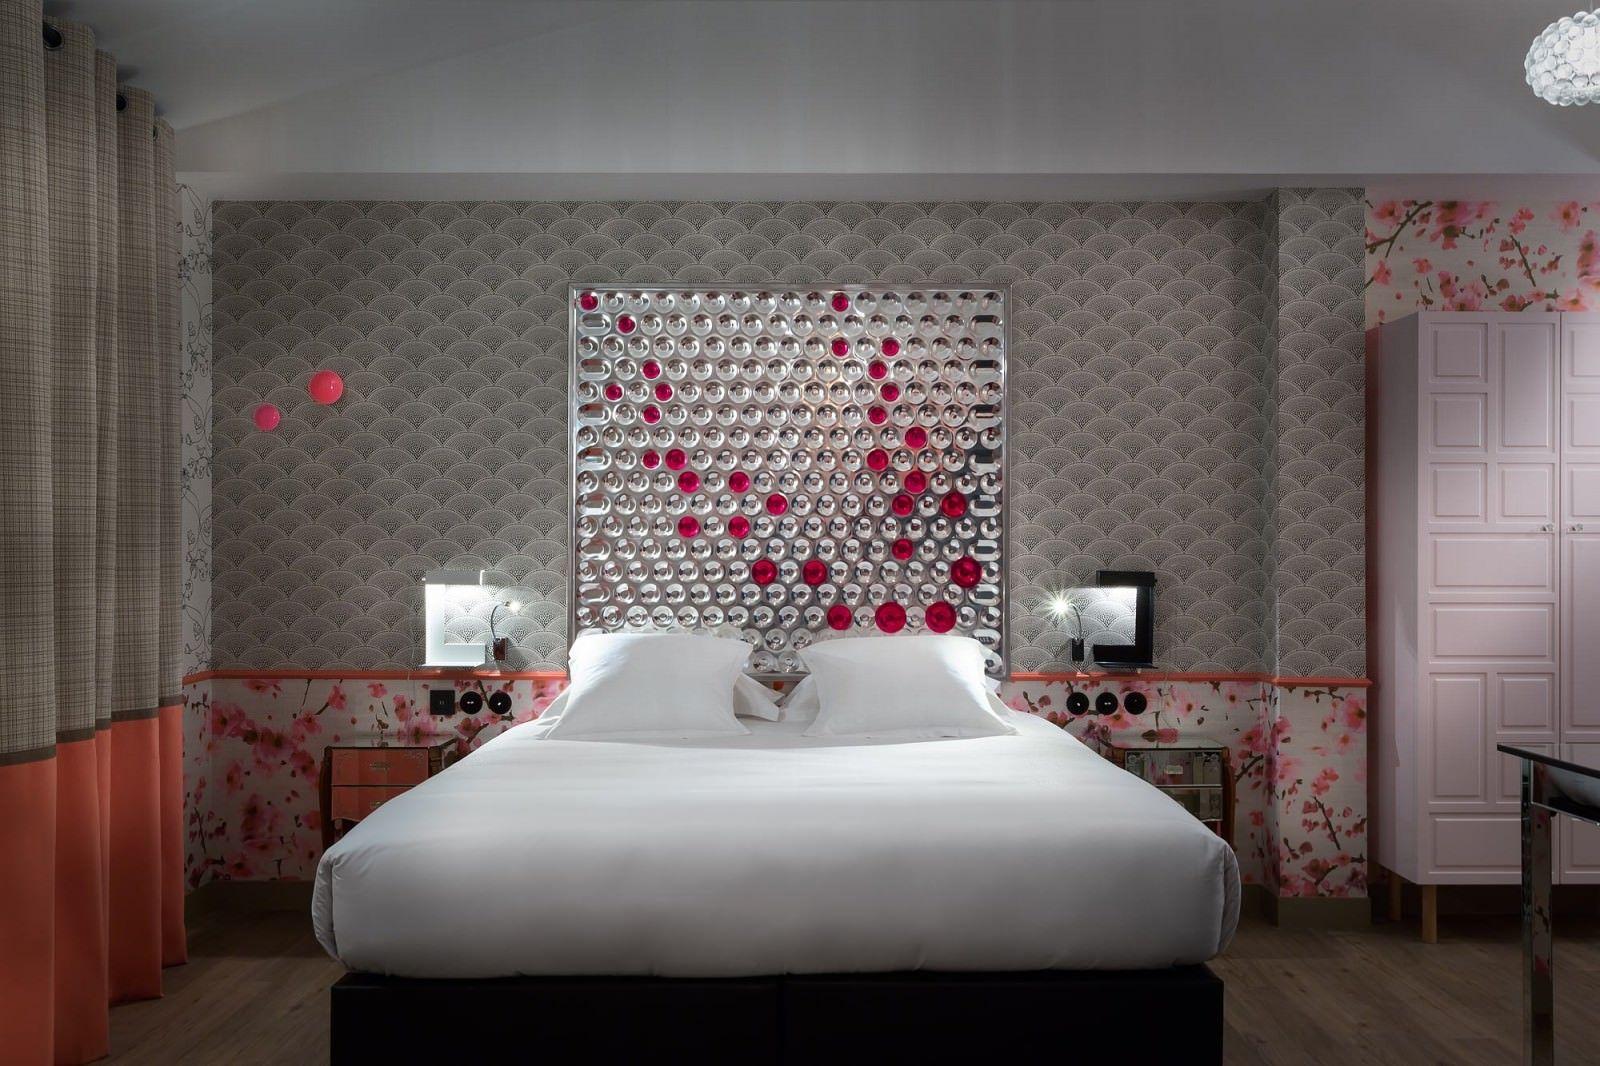 papiers peints cole and son elitis hotel crayon rouge paris mur t l pinterest crayons. Black Bedroom Furniture Sets. Home Design Ideas